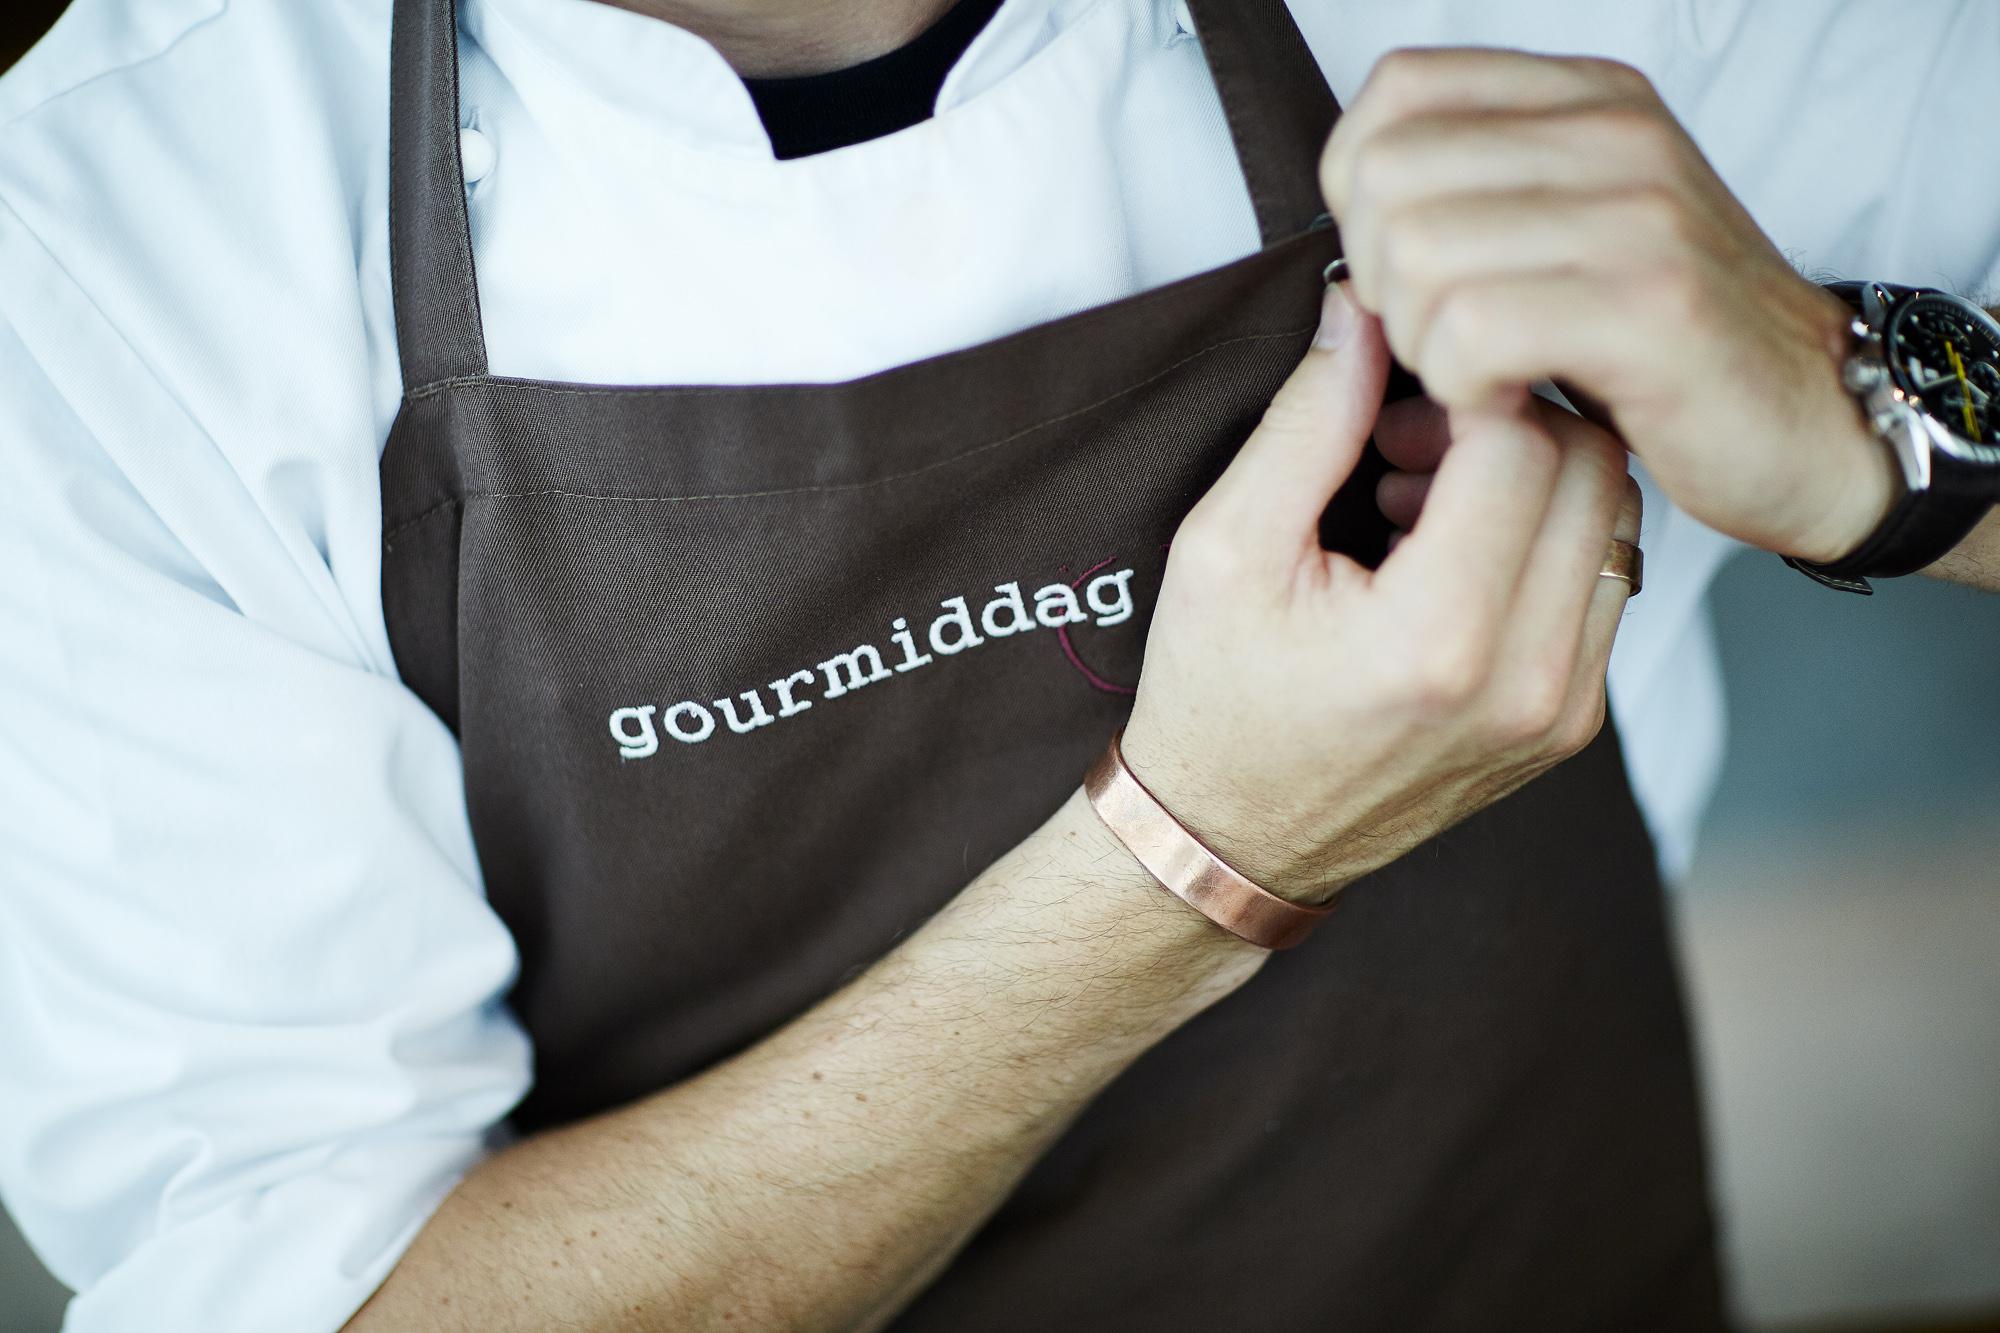 Gourmiddag-10_lille